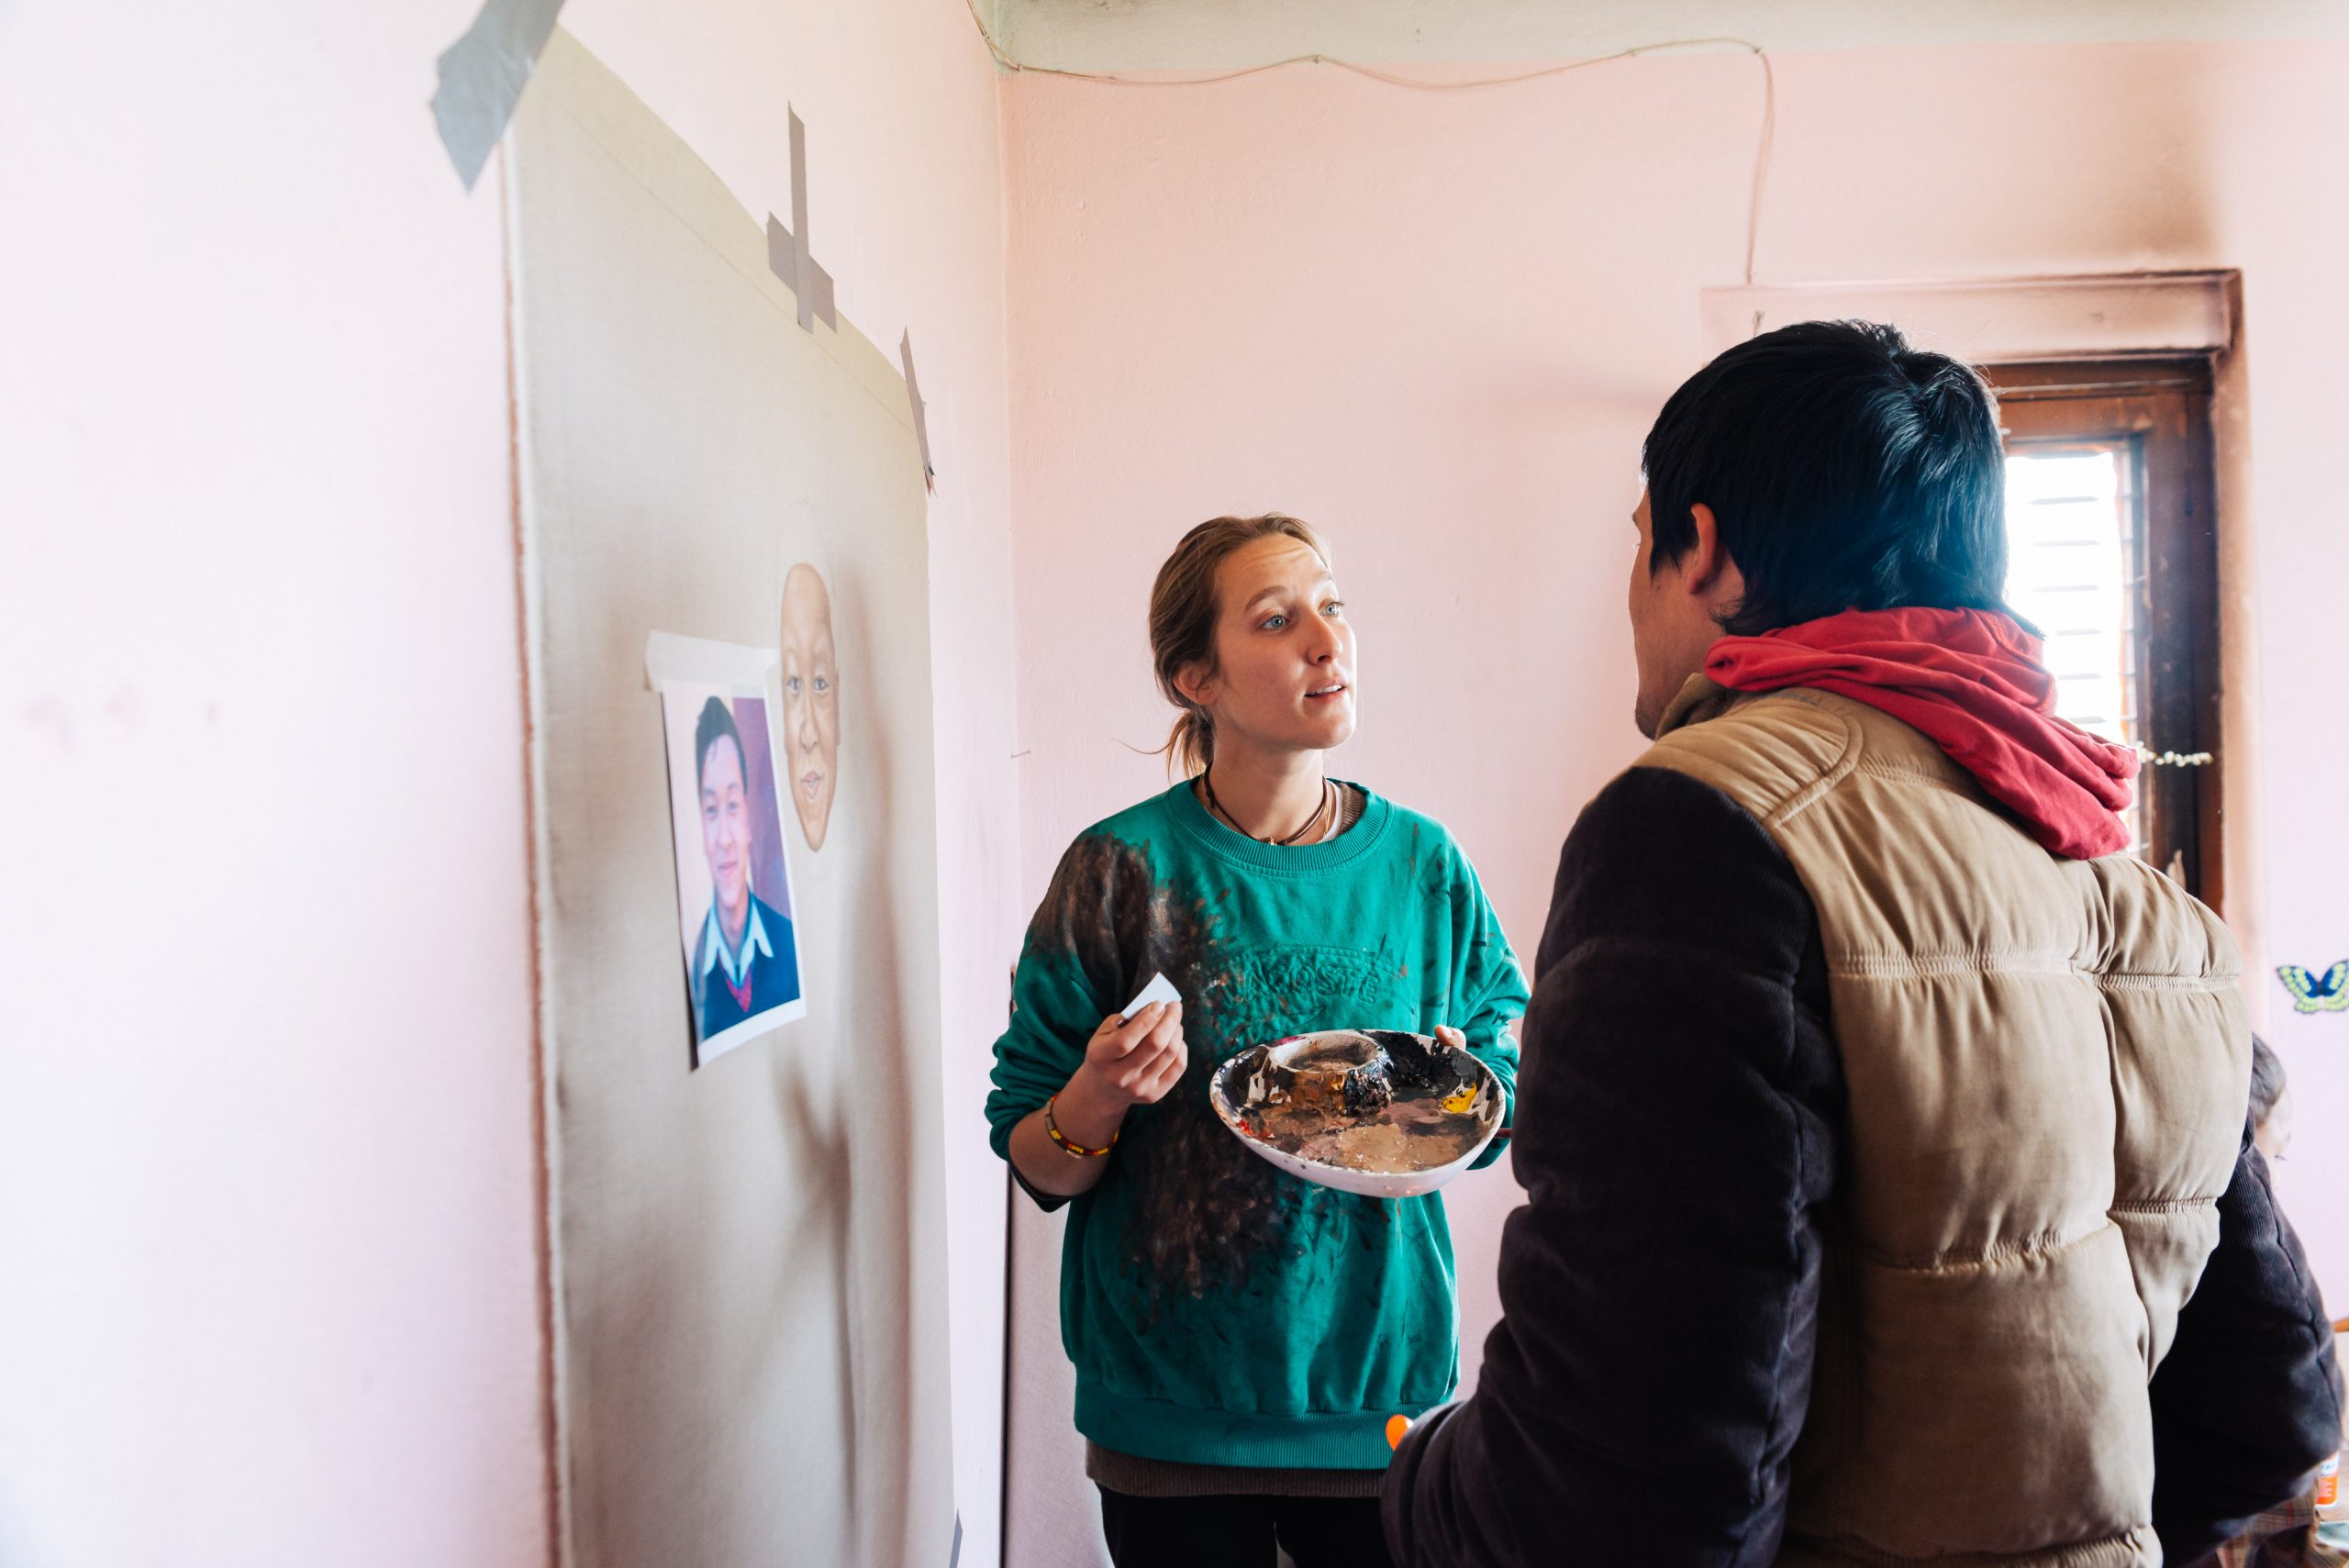 Sie portraitiert Kinder, um ihnen zu helfen.